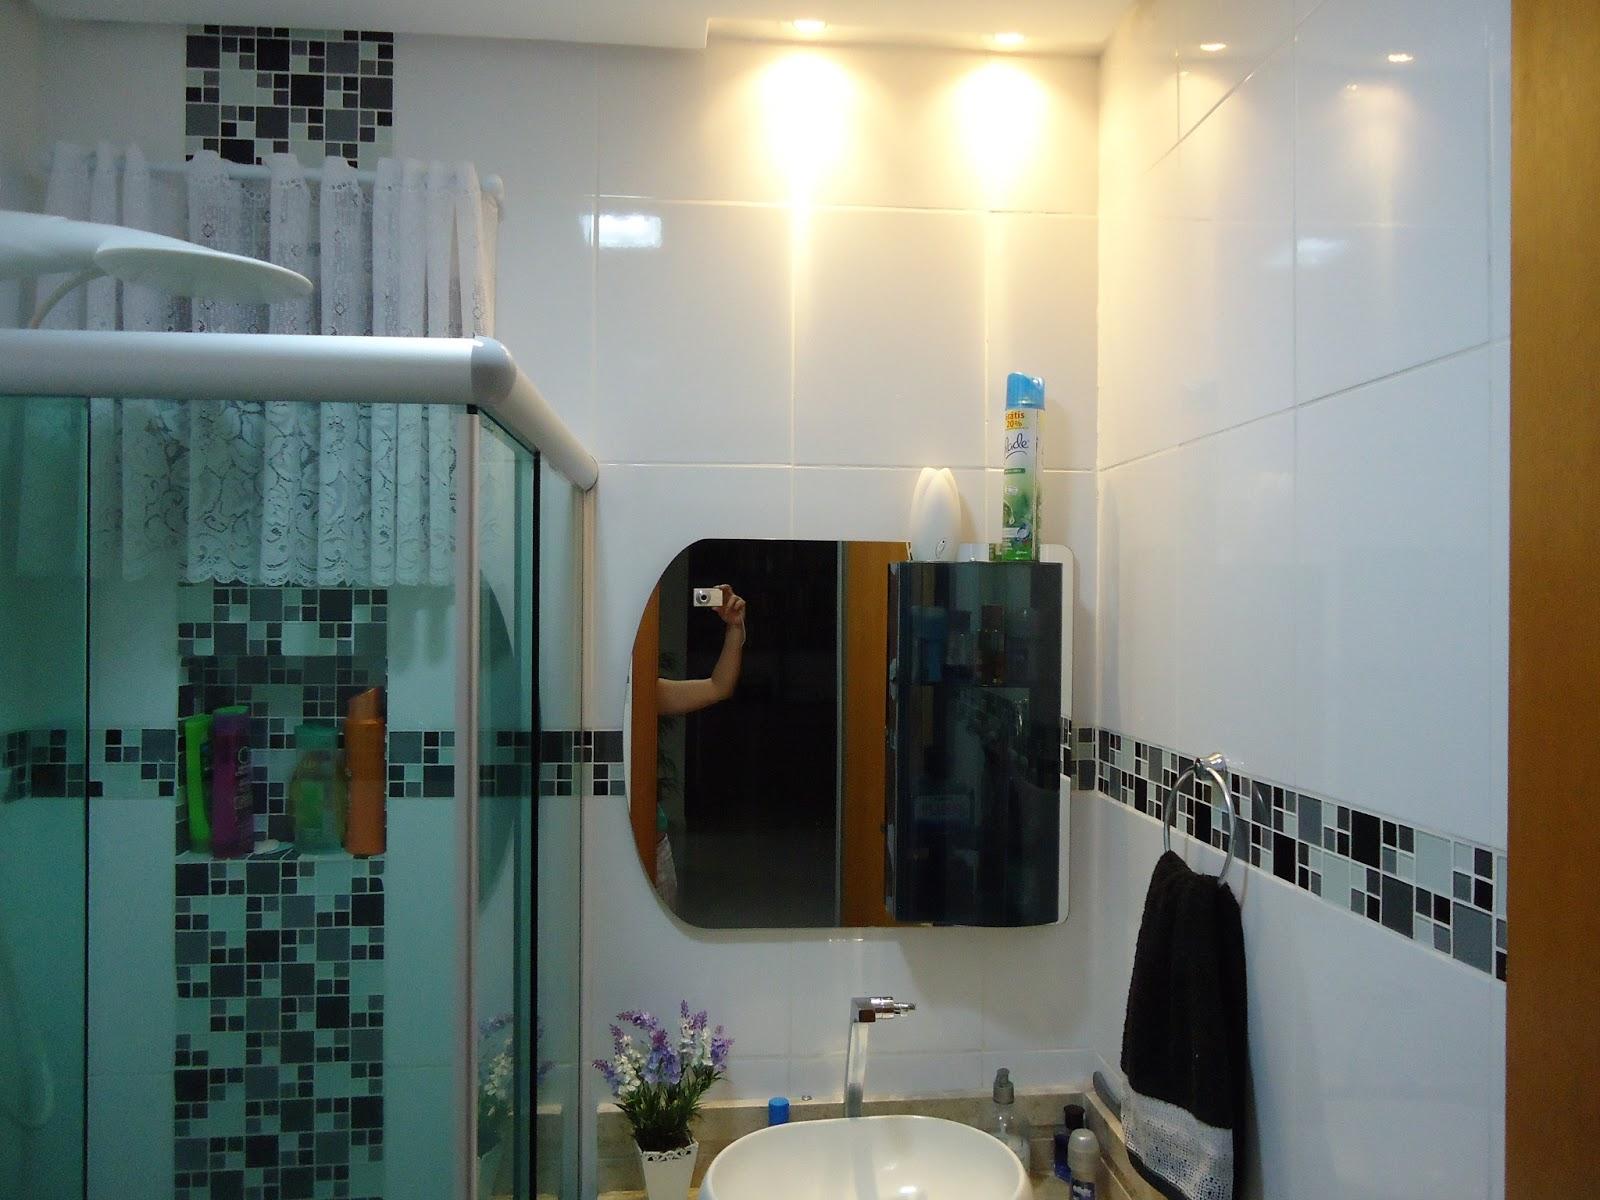 Realizando a Reforma: O Antes e o depois de um pequeno banheiro  #623B12 1600x1200 Antes E Depois De Um Banheiro